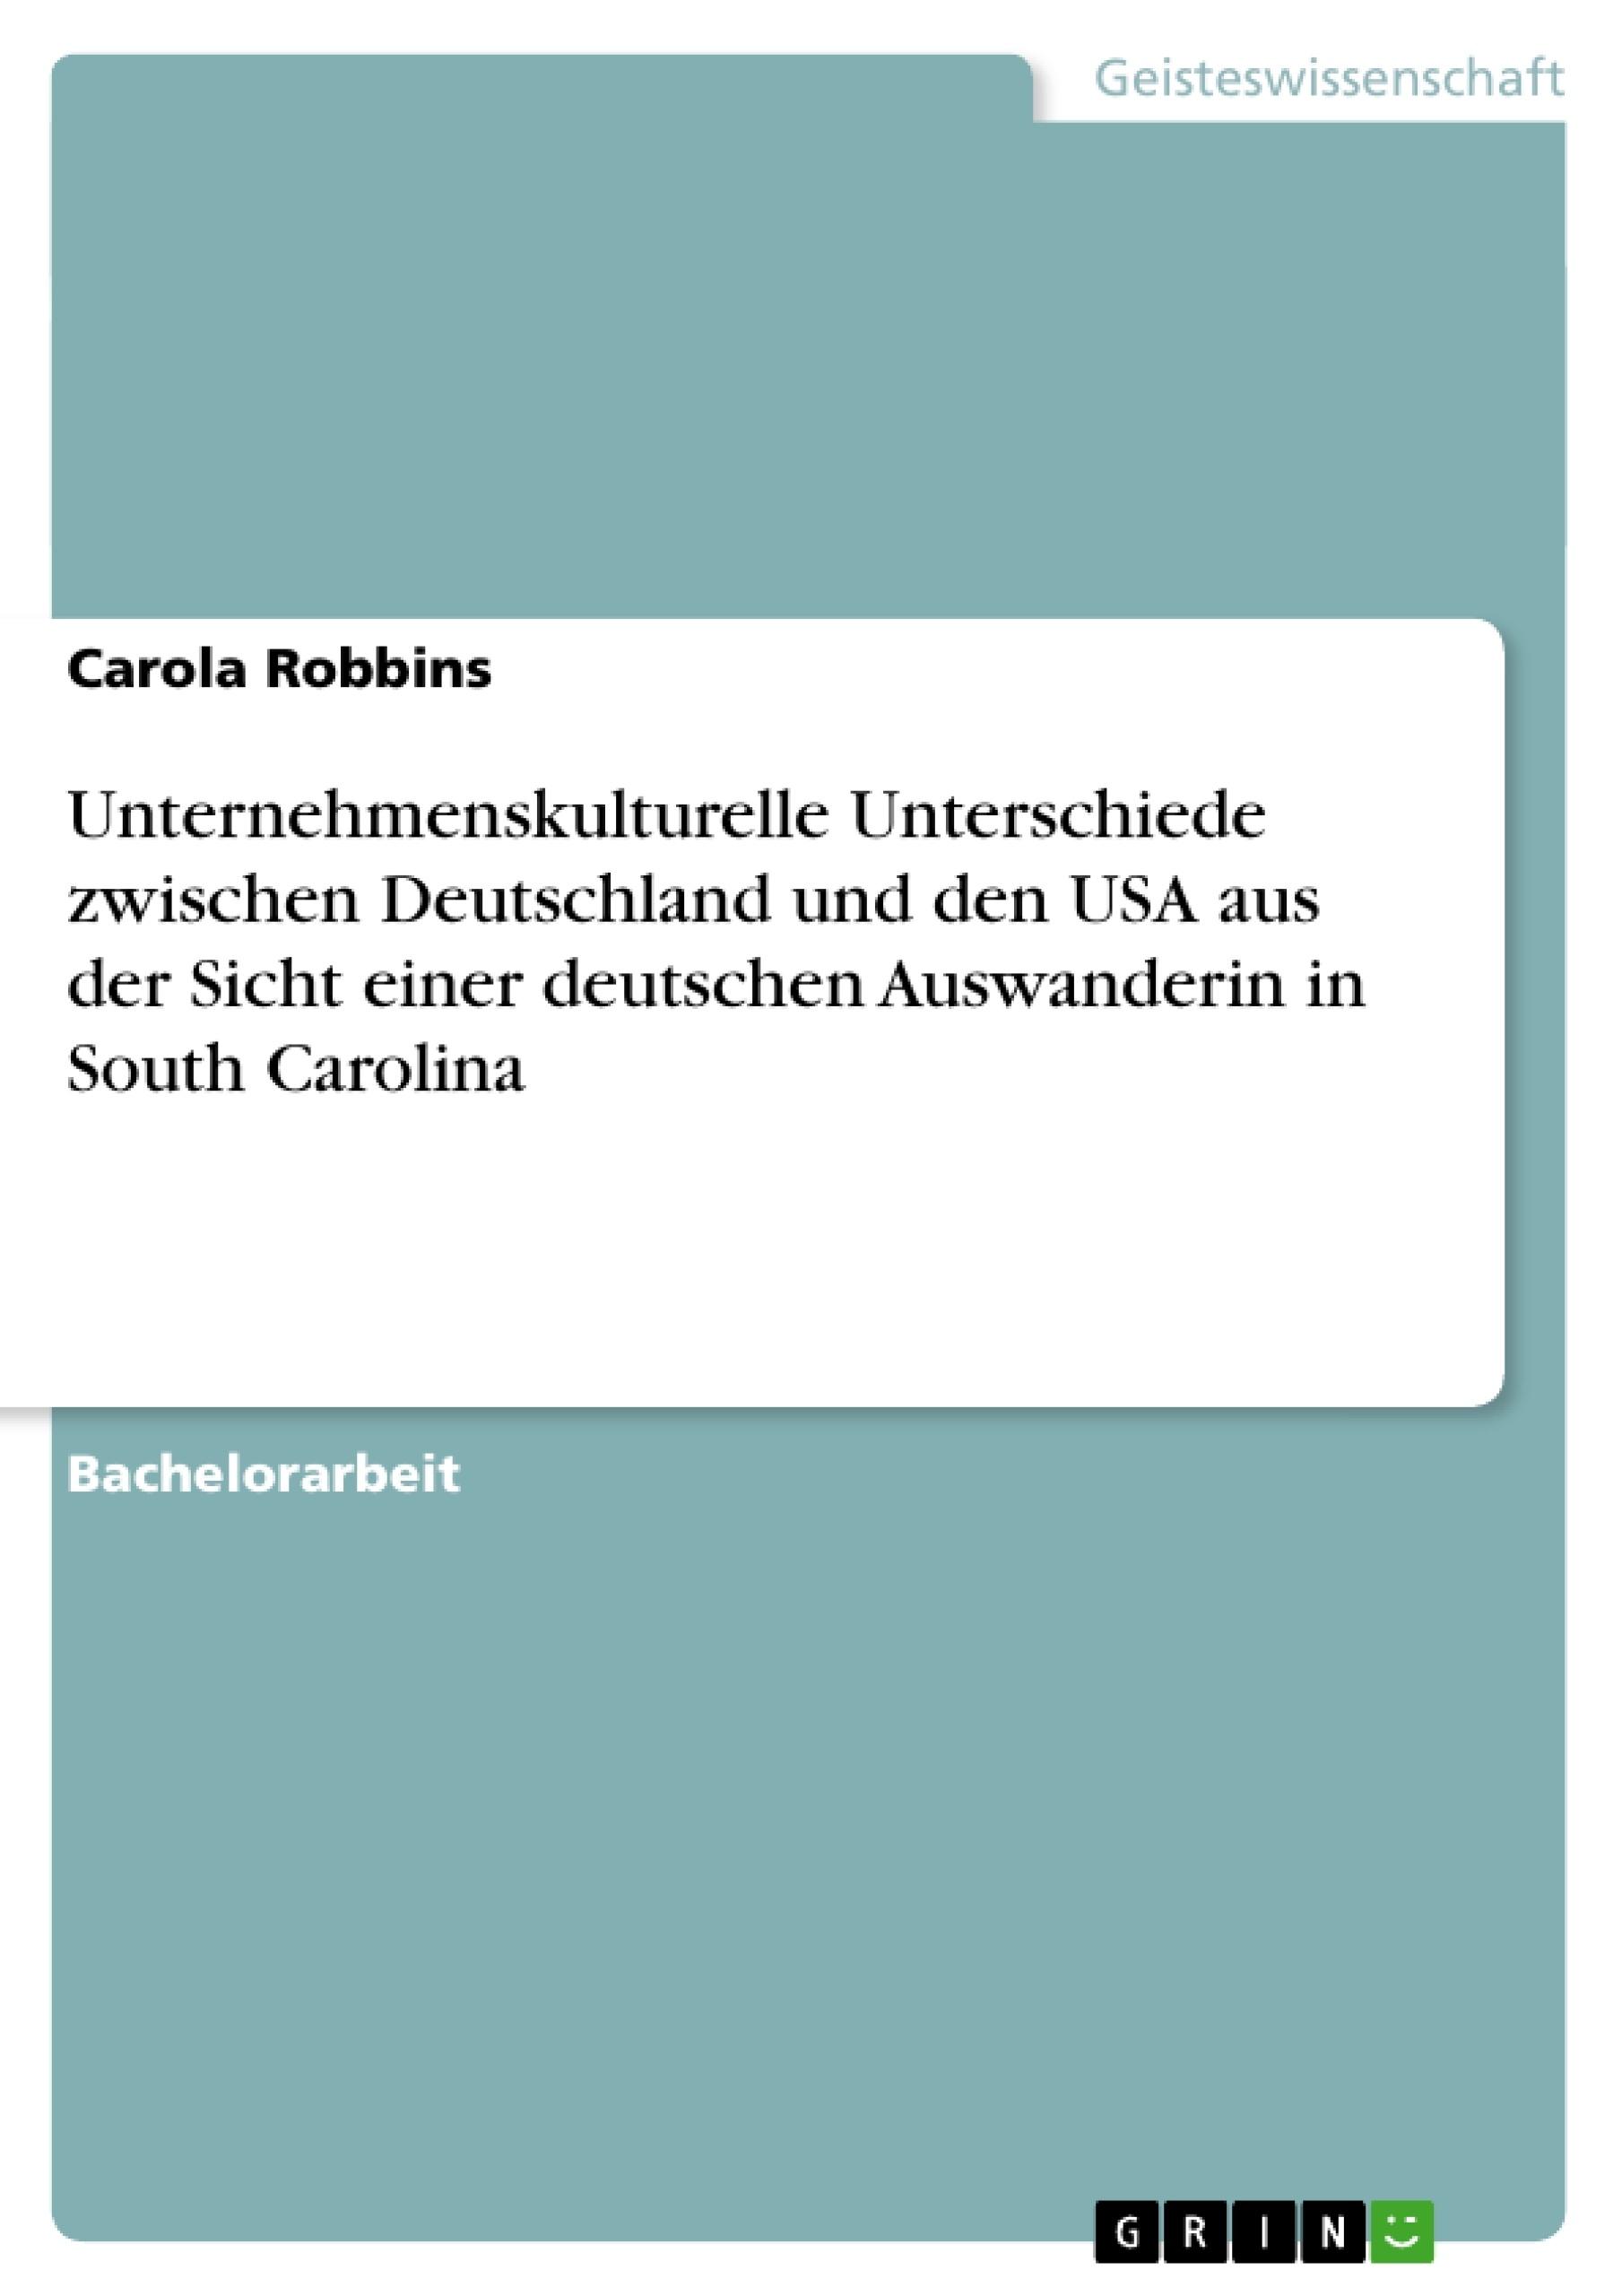 Titel: Unternehmenskulturelle Unterschiede zwischen Deutschland und den USA aus der Sicht einer deutschen Auswanderin in South Carolina